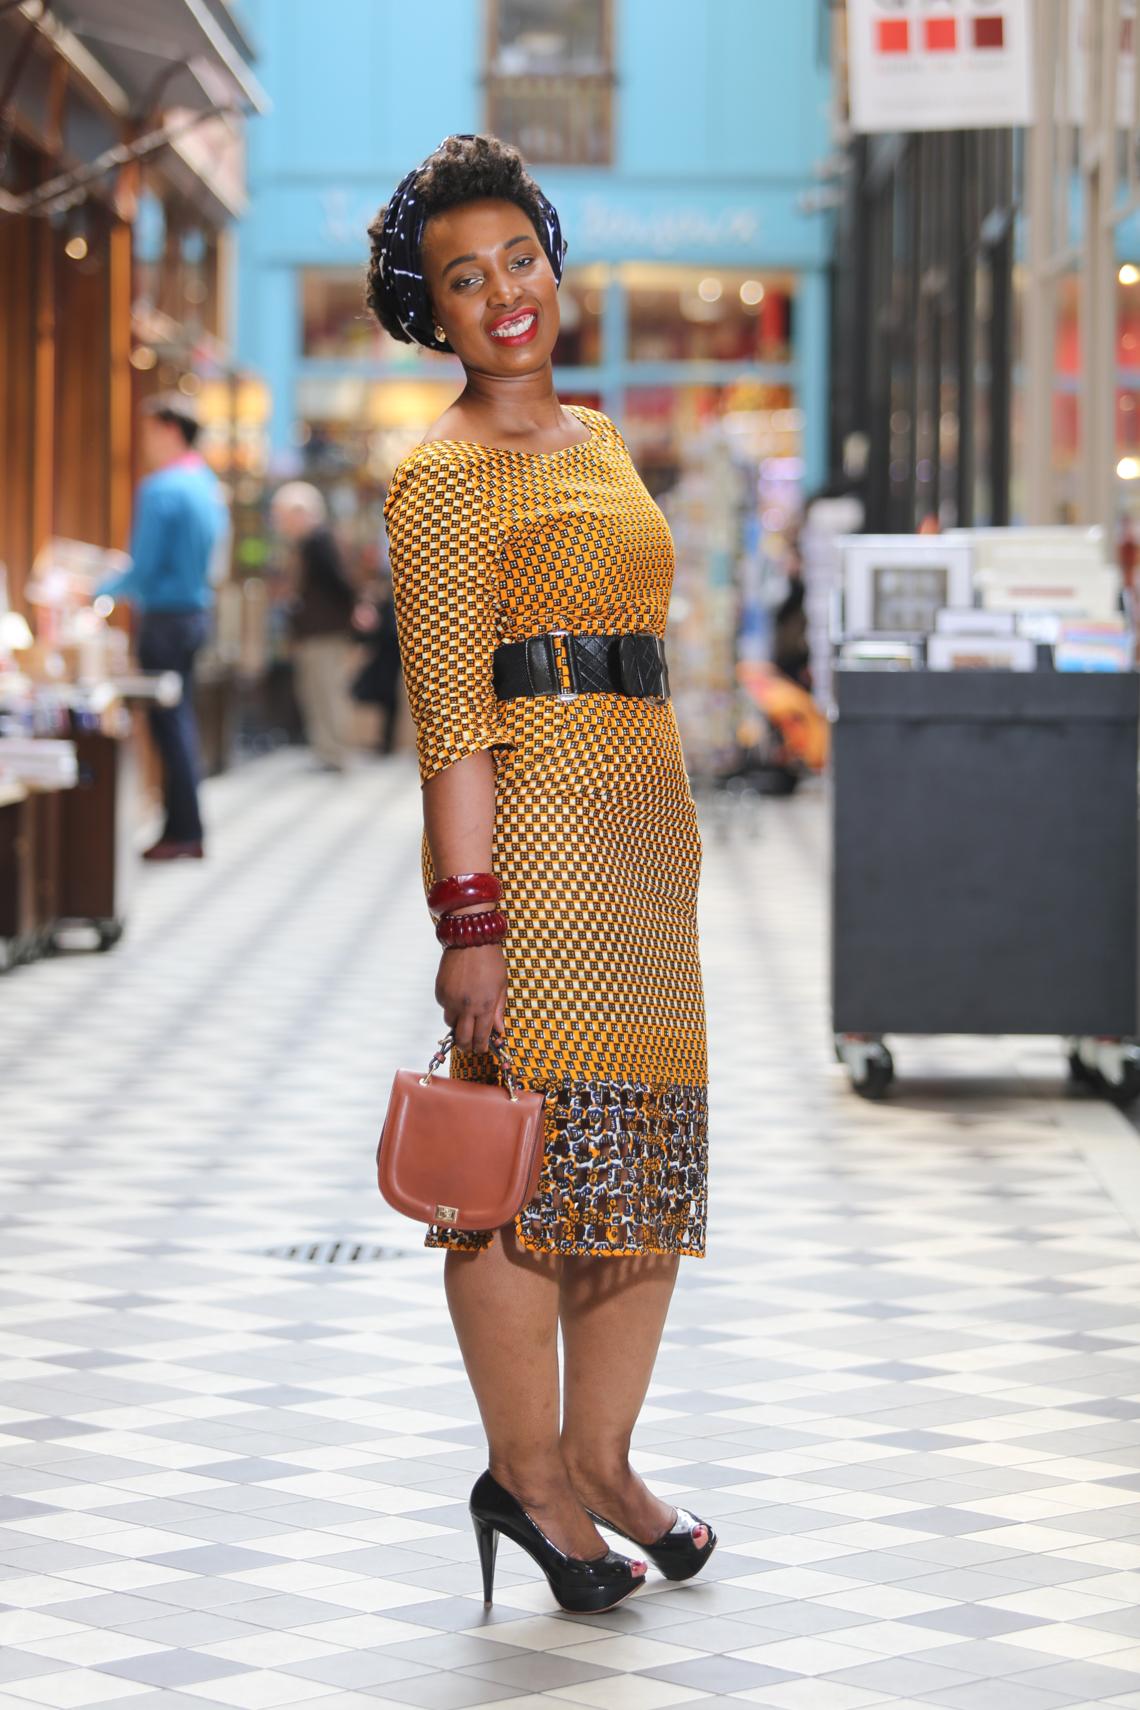 100 Modeles De Robe Pagne Africaine Pour Vous Donner Des Idees Tissuwax Com